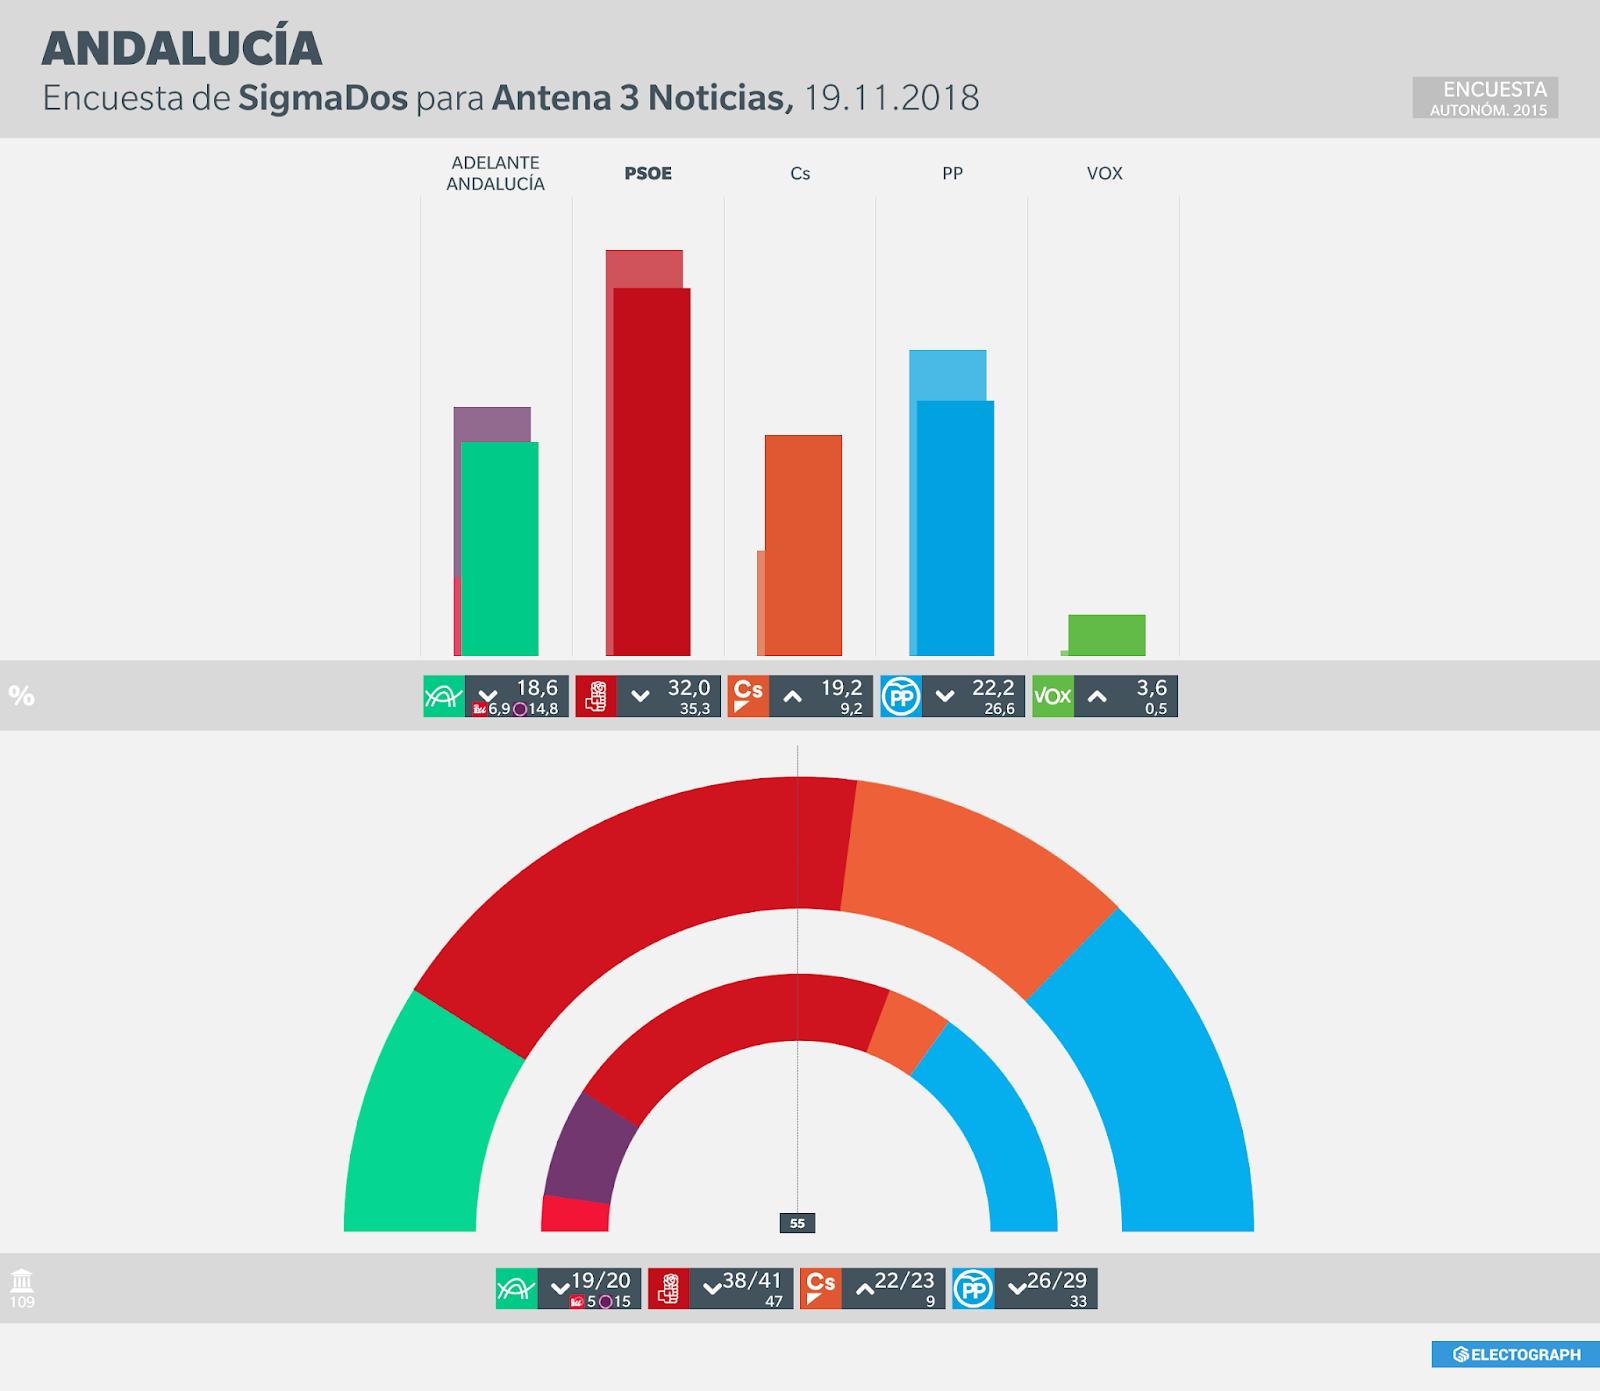 Gráfico de la encuesta para elecciones autonómicas en Andalucía realizada por SigmaDos para Antena 3 Noticias en noviembre de 2018